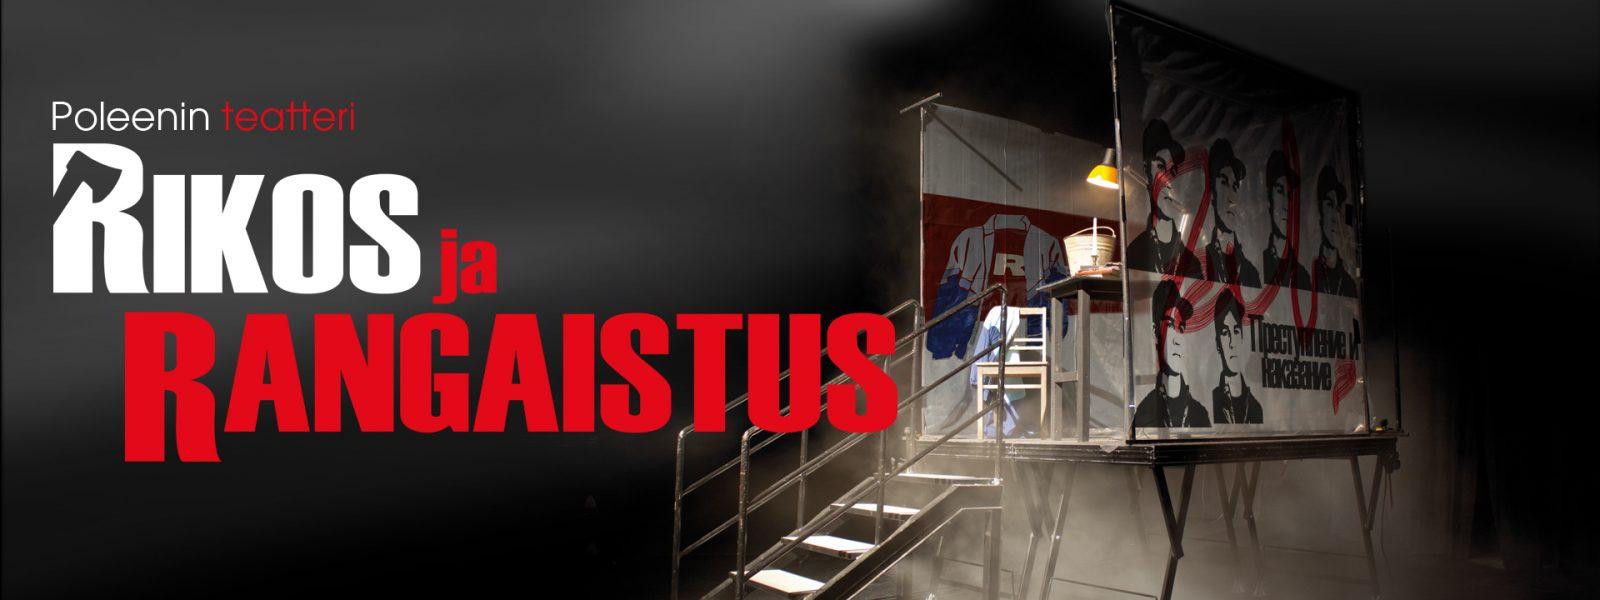 Poleenin teatteri: Rikos ja rangaistus